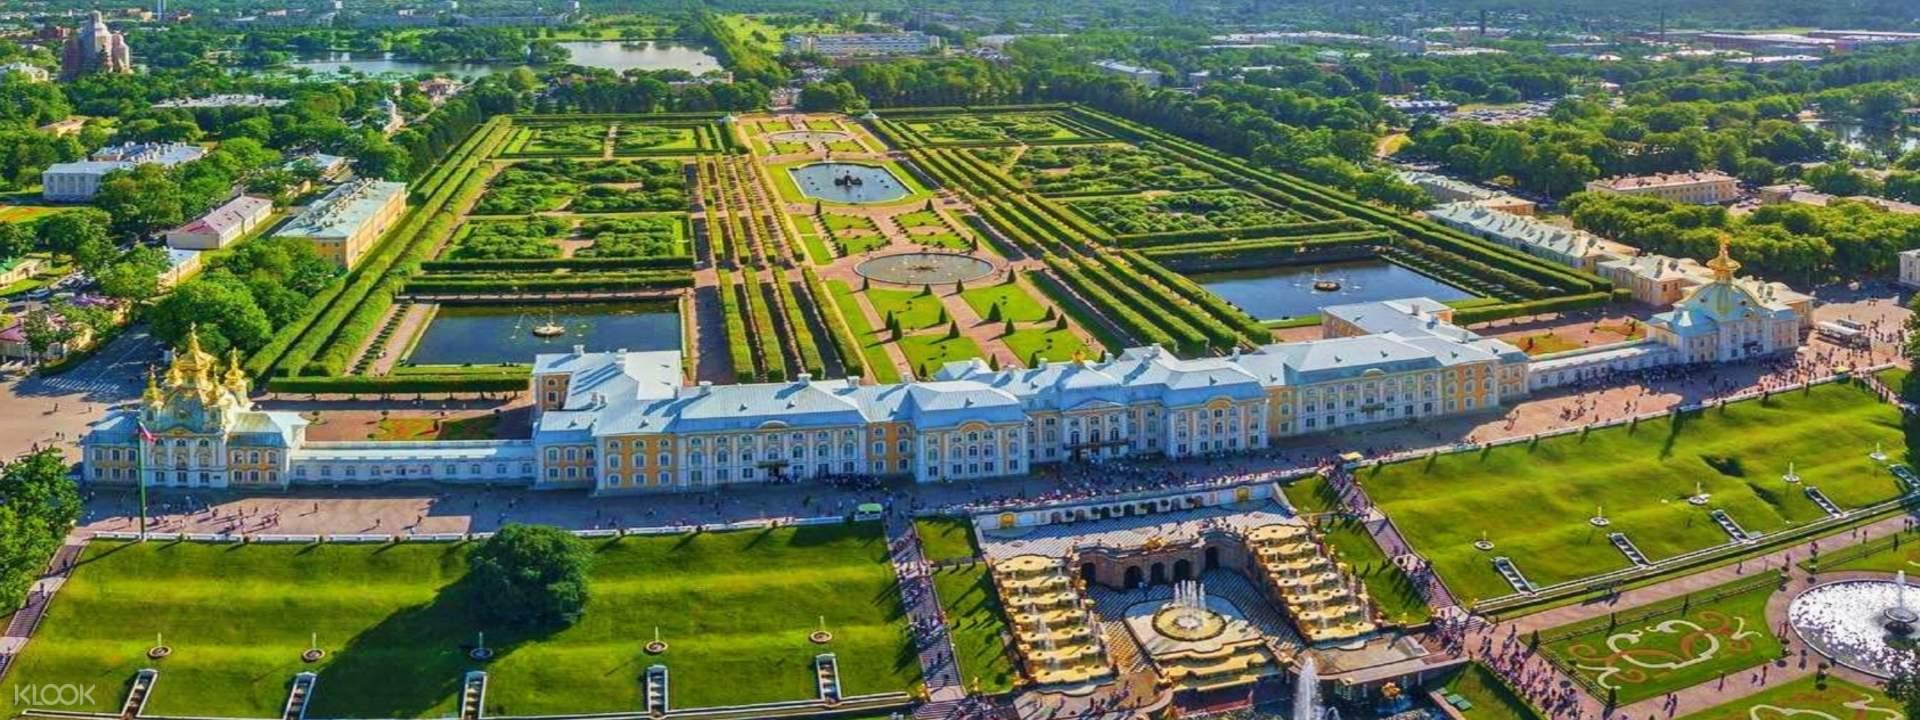 Peterhof Palace in Saint Petersburg, Russia - Klook